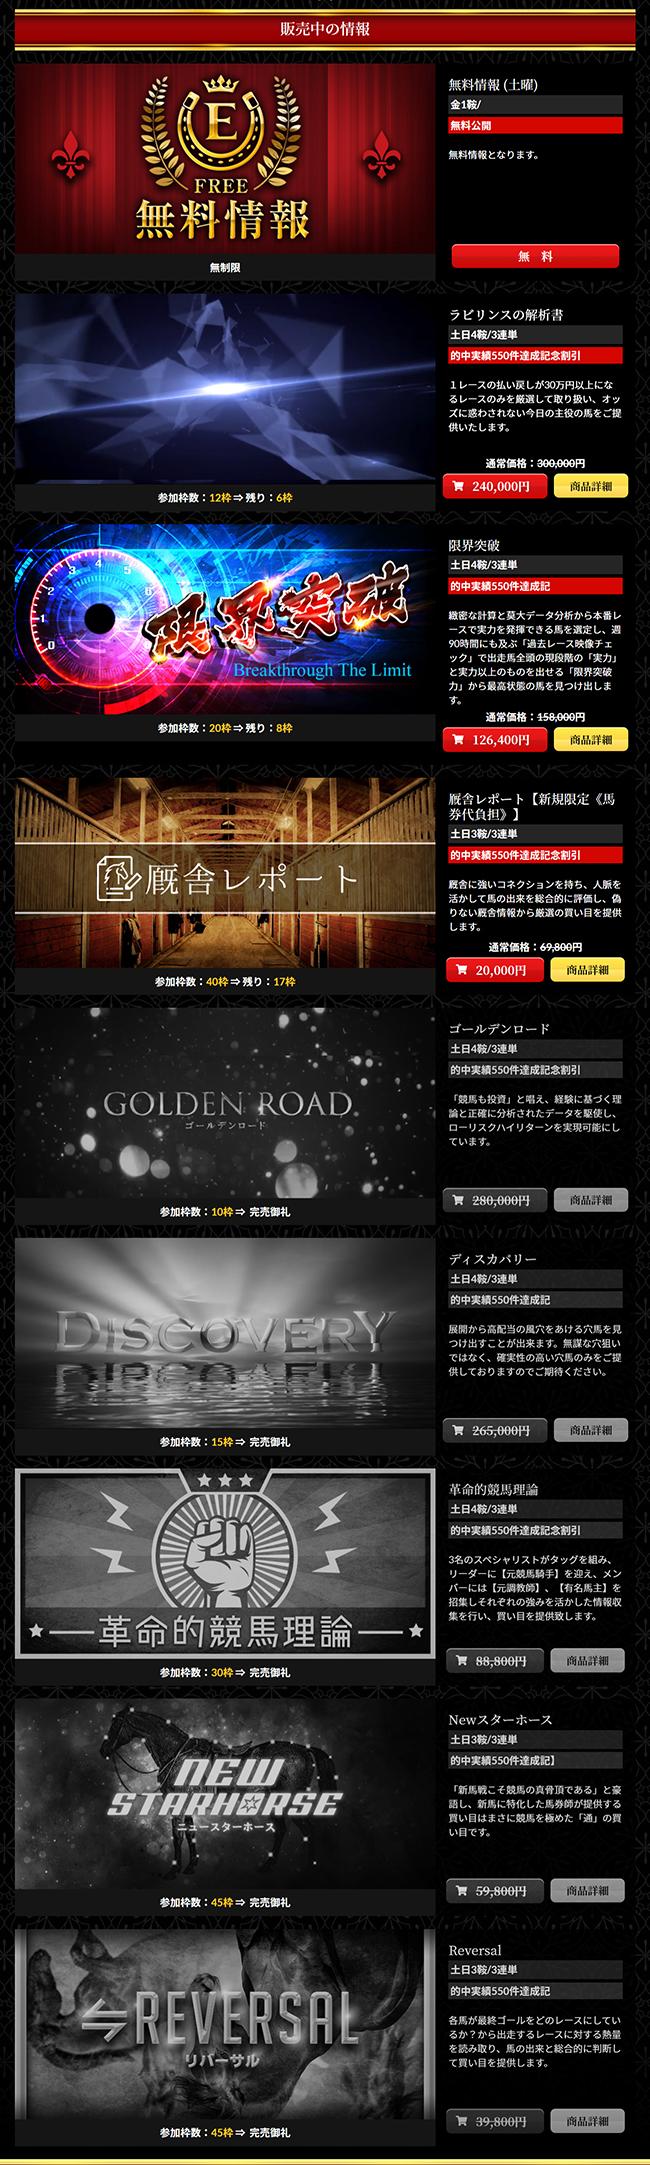 GOLDEN★STARS(ゴールデン★スターズ) サイト 検証